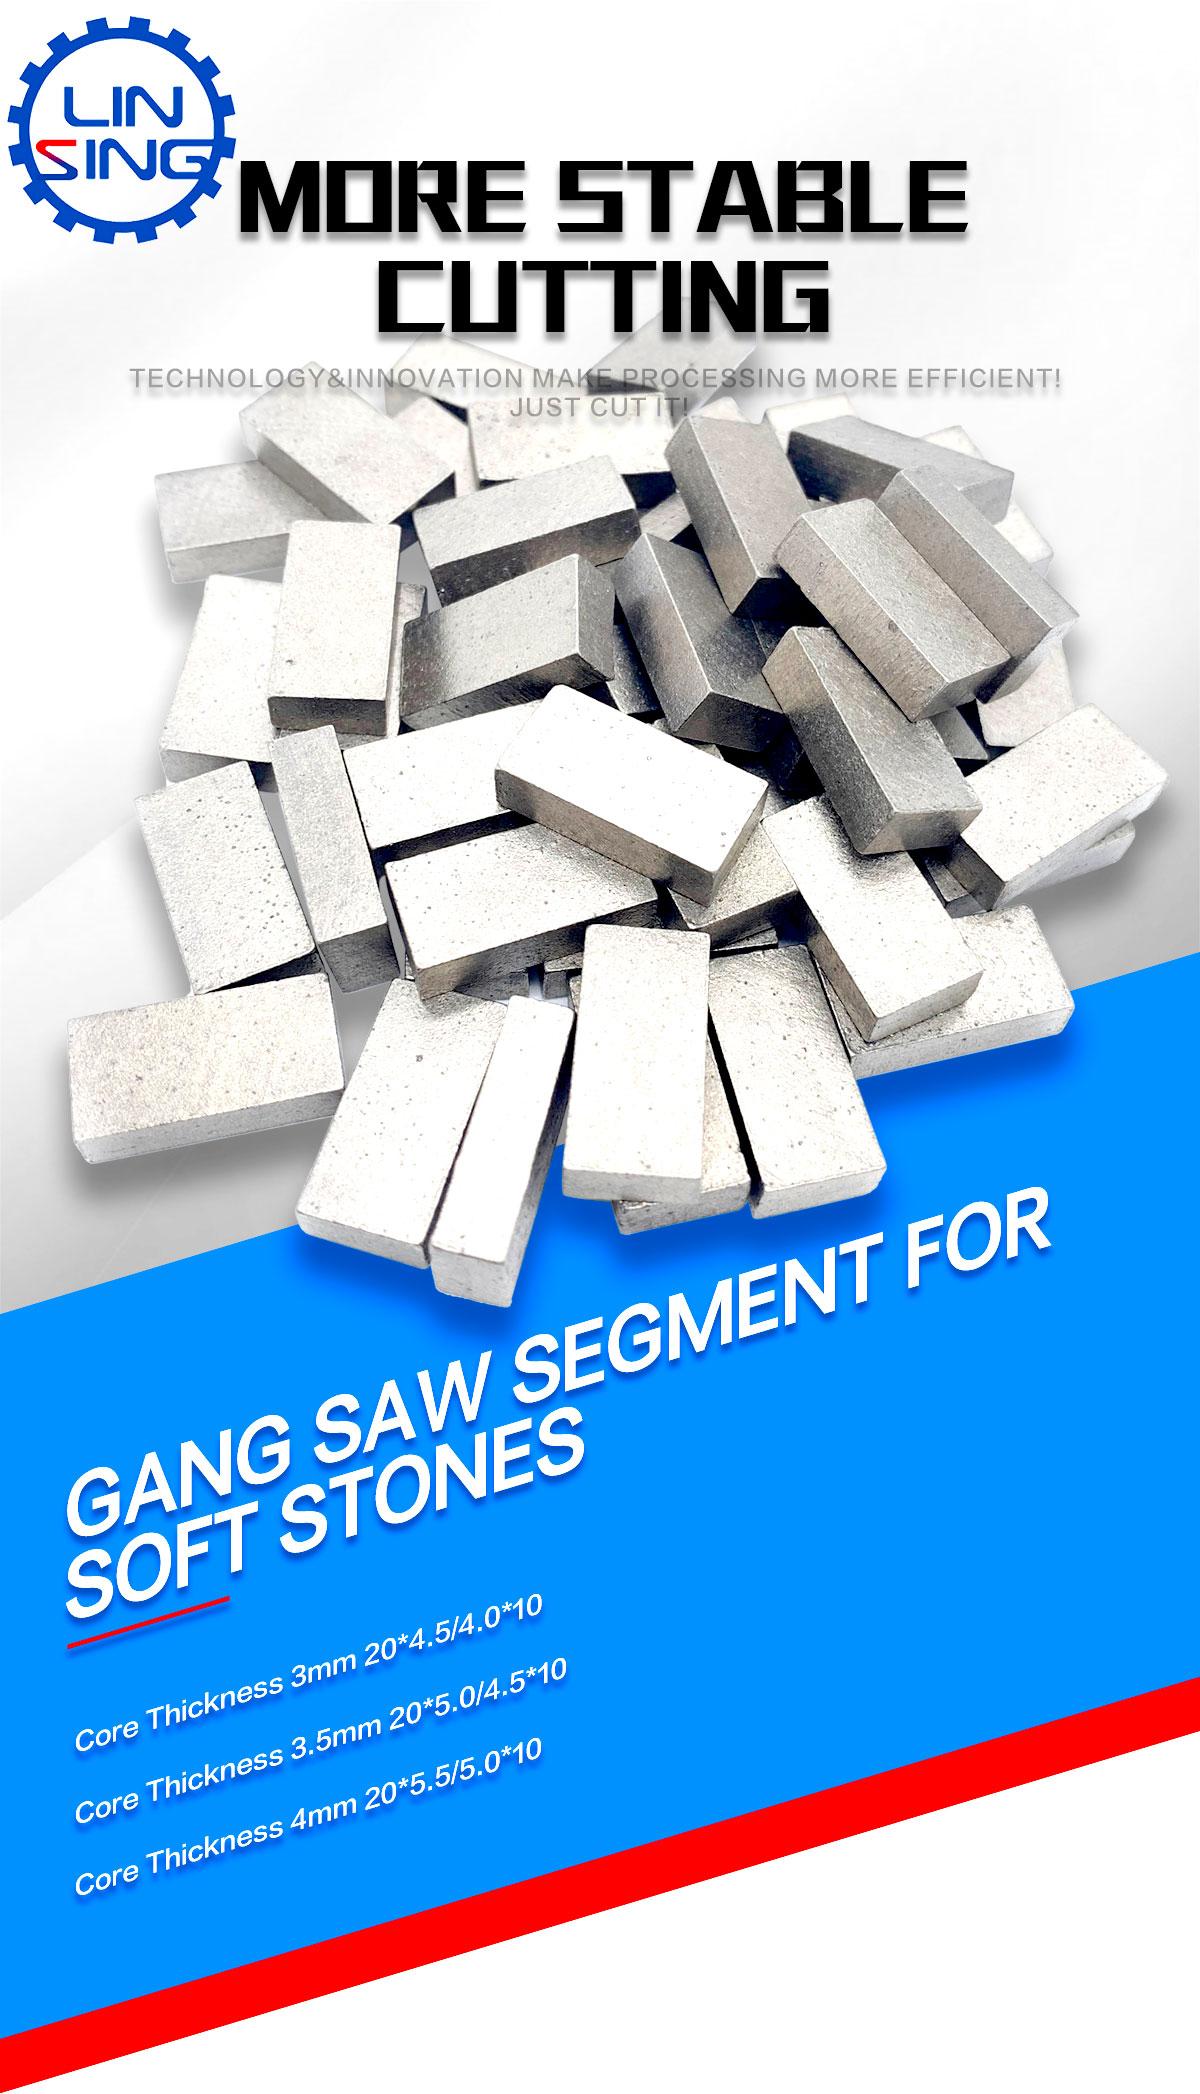 gangsaw segments